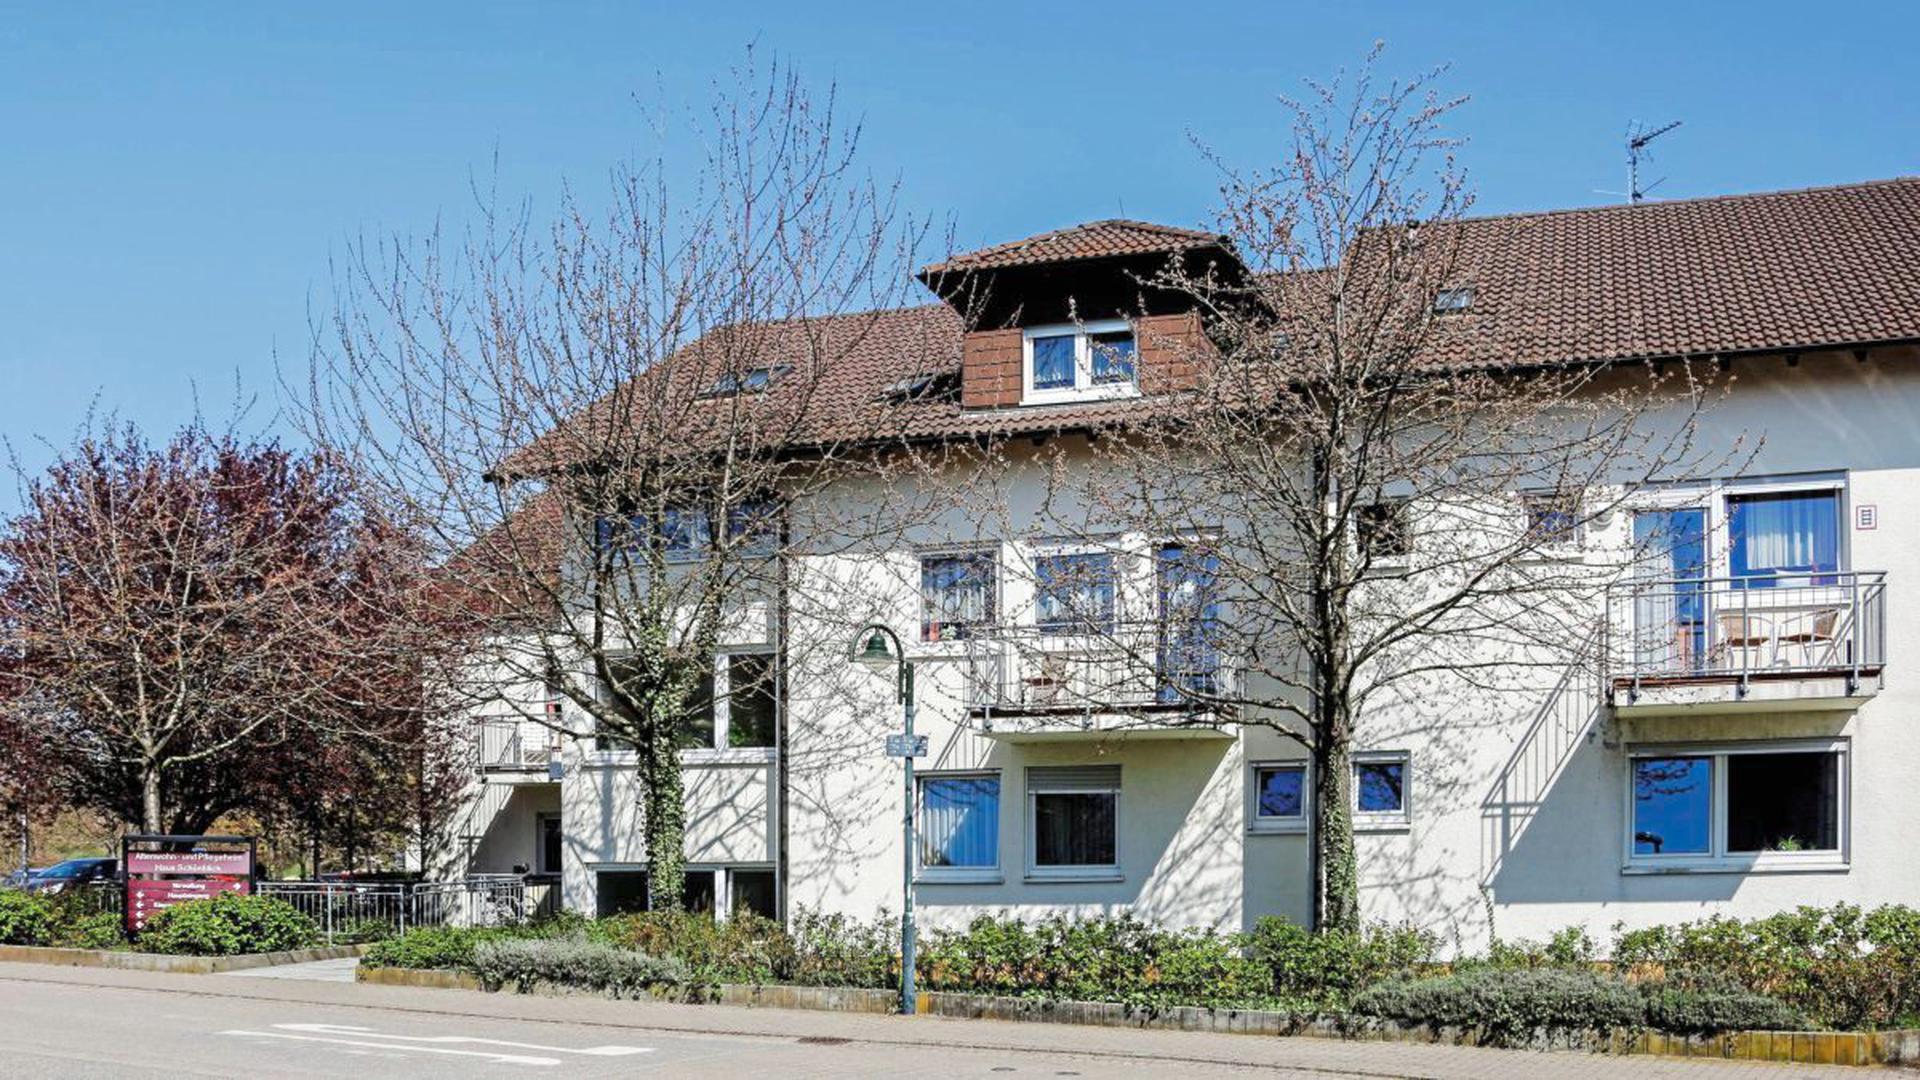 Im Neibsheimer Altenwohn- und Pflegeheim Haus Schönblick sind mittlerweile 16 Menschen aufgrund einer Infektion mit dem Coronavirus gestorben.